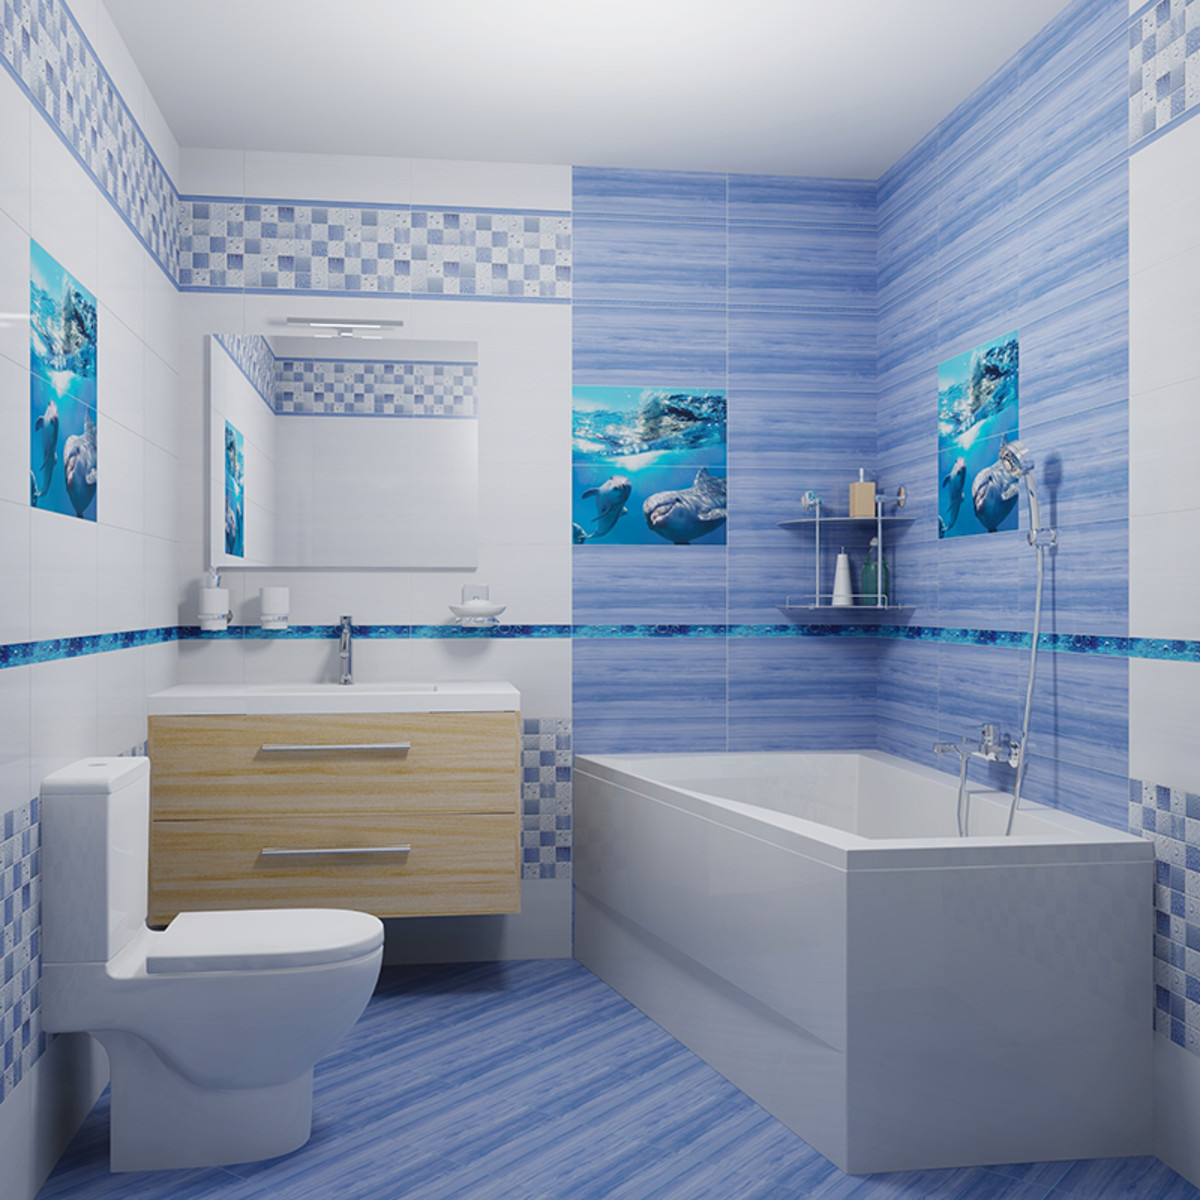 Плитка настенная Waterlife light ultramarine 25х50 см 1 м2 цвет белый